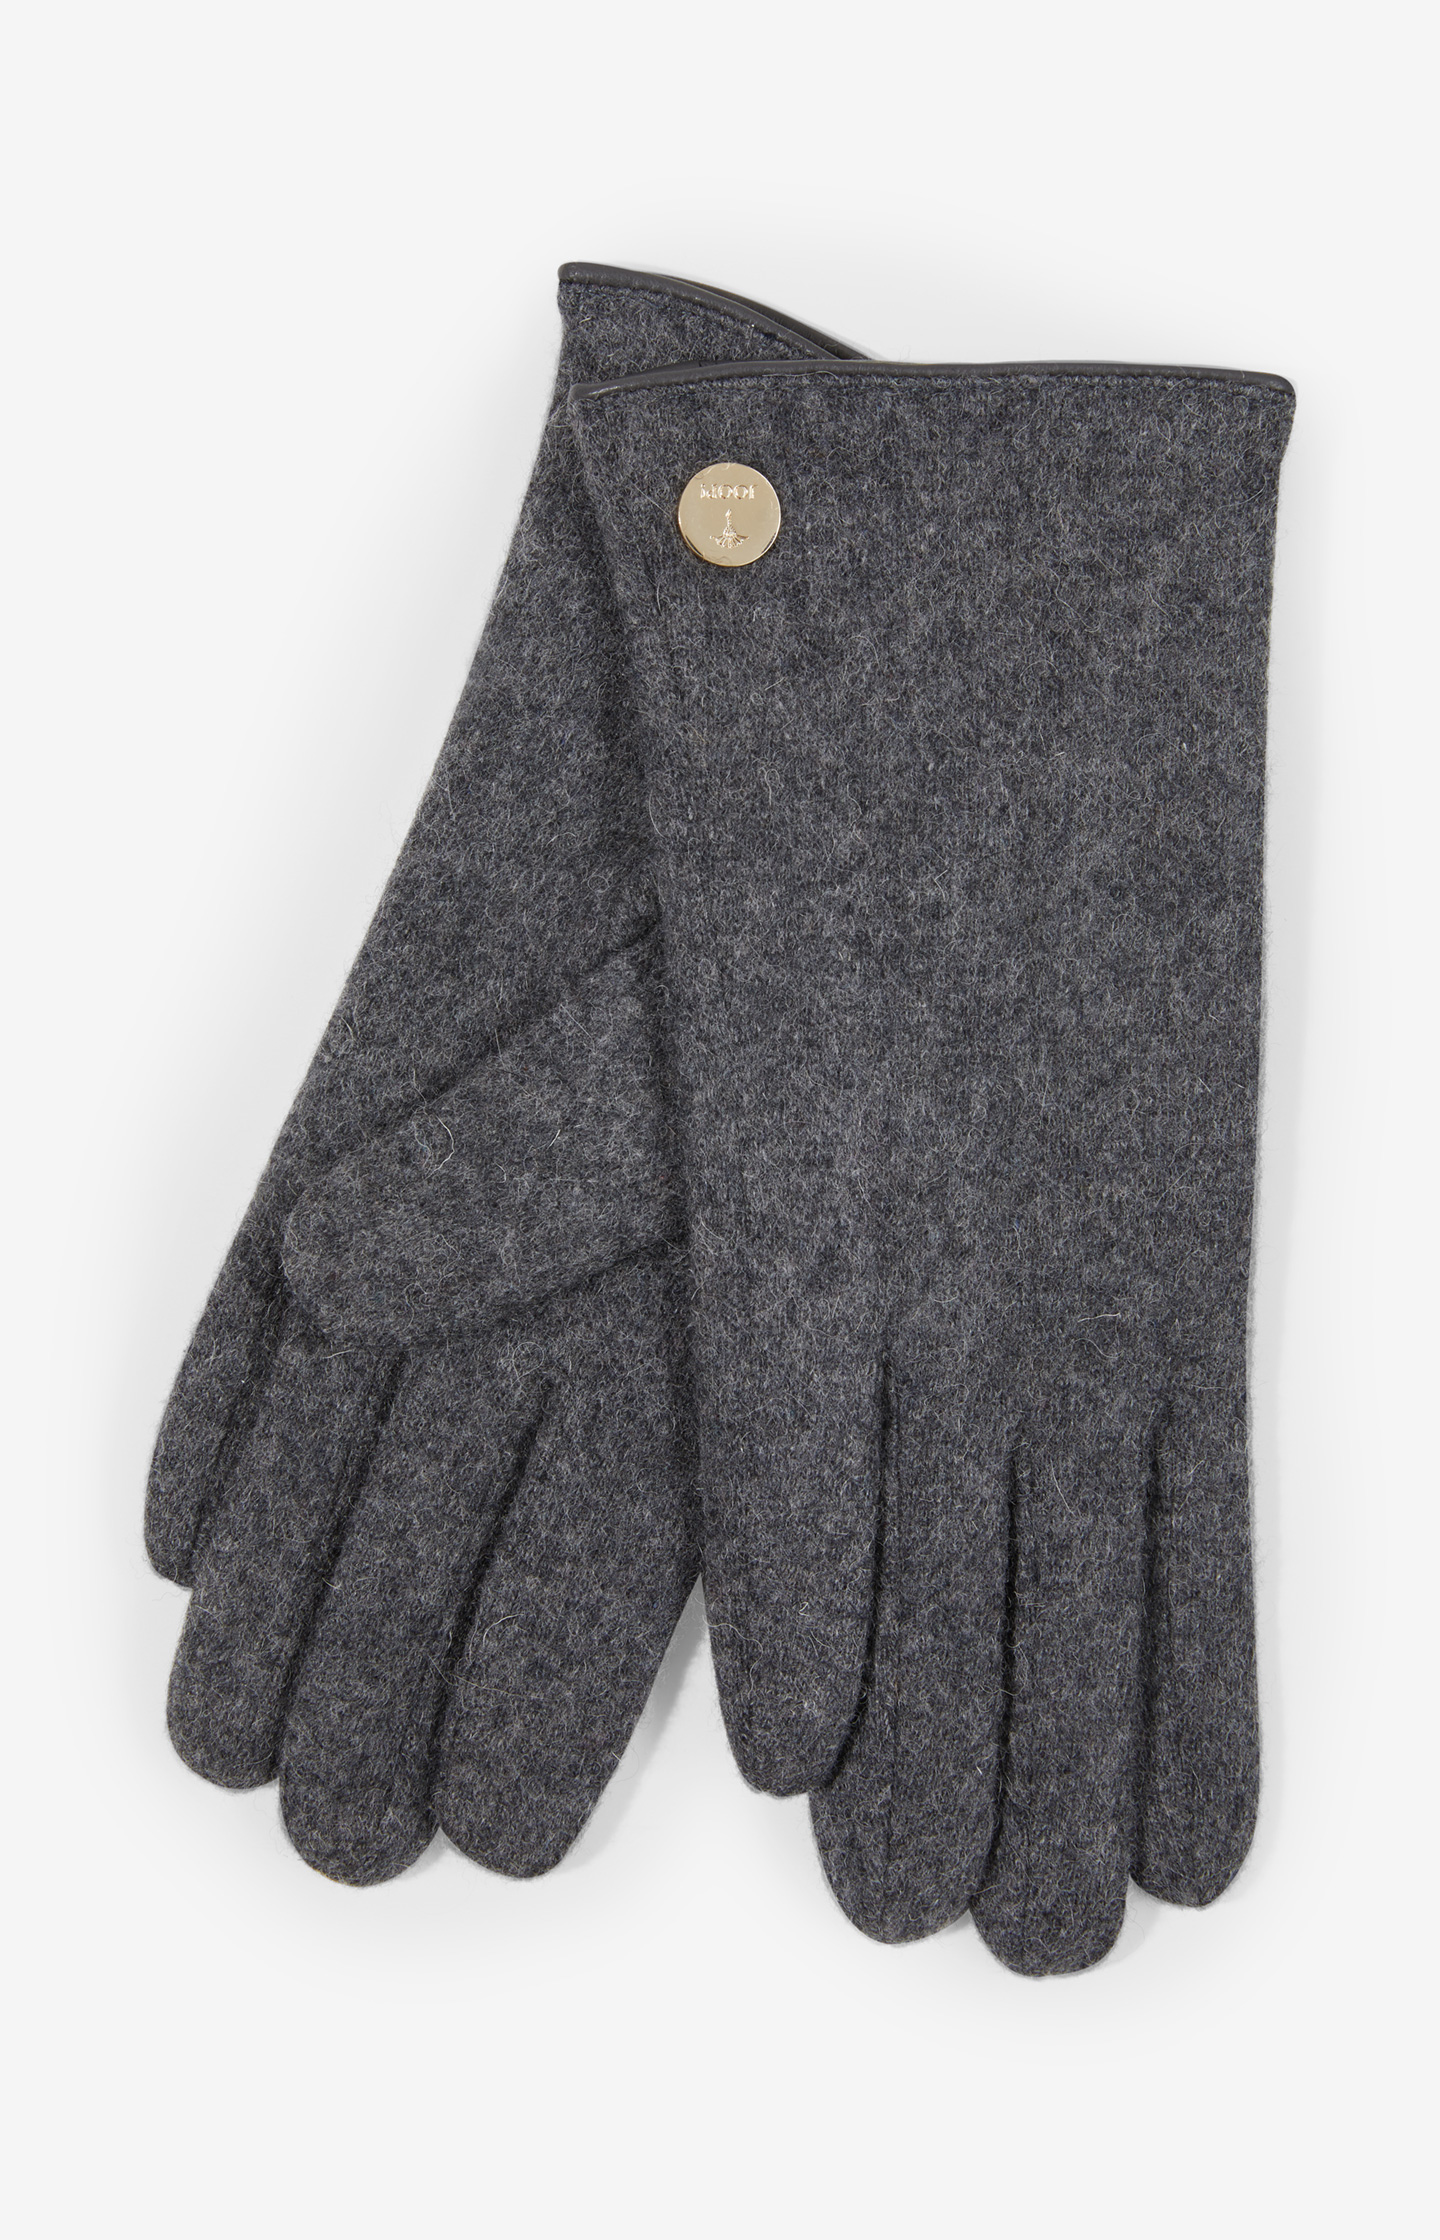 Artikel klicken und genauer betrachten! - Die grauen Damen-Handschuhe von JOOP! vereinen eine hochwertige, fein gefilzte Qualität aus reiner Schurwolle und ein feminines, stilvolles Design. Eine goldfarbene, runde Logo-Plakette kontrastiert den puristischen Look des edlen Accessoires, während die dezent glänzende, umlaufende Lederpaspel an der Öffnung einen schönen Kontrast schafft.   im Online Shop kaufen